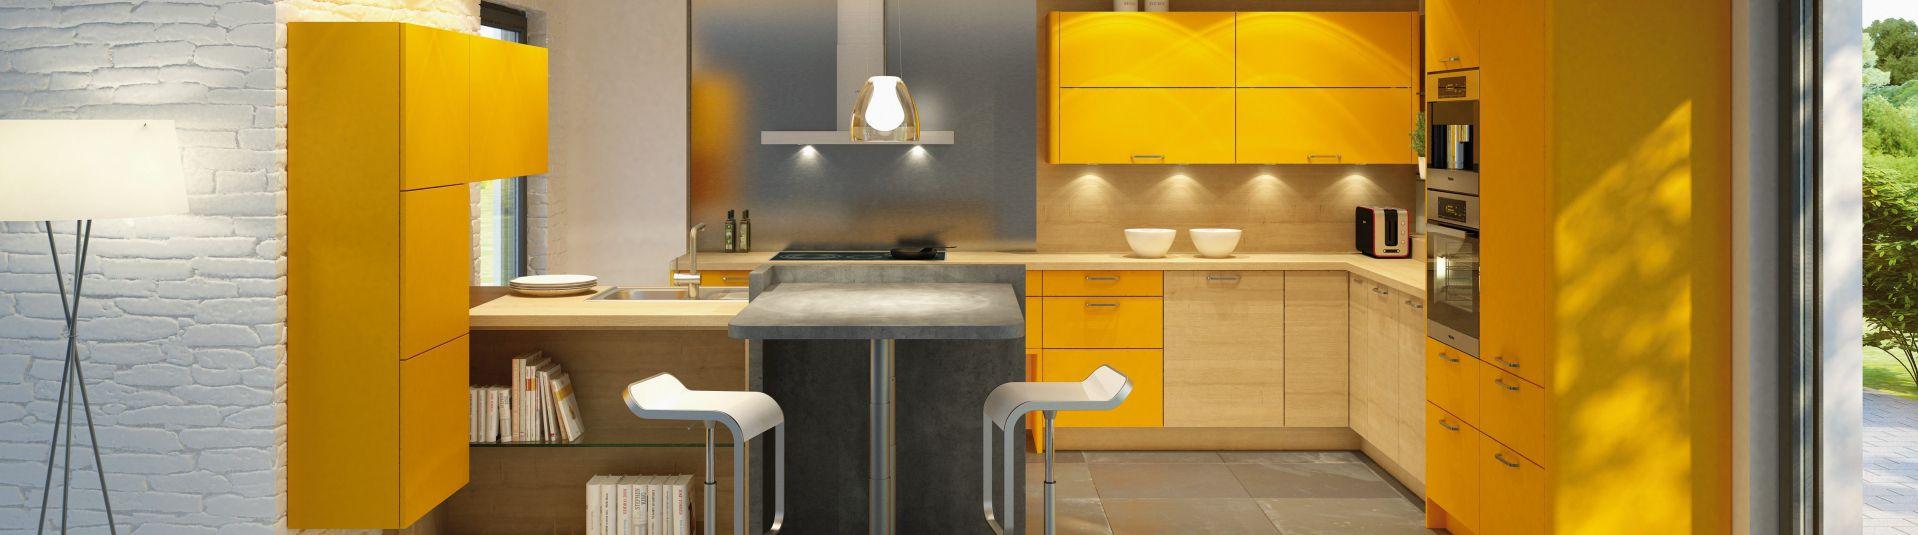 Wohnen | Küchen - Objekteinrichtungen und Schreinerei BODENSCHLÄGEL